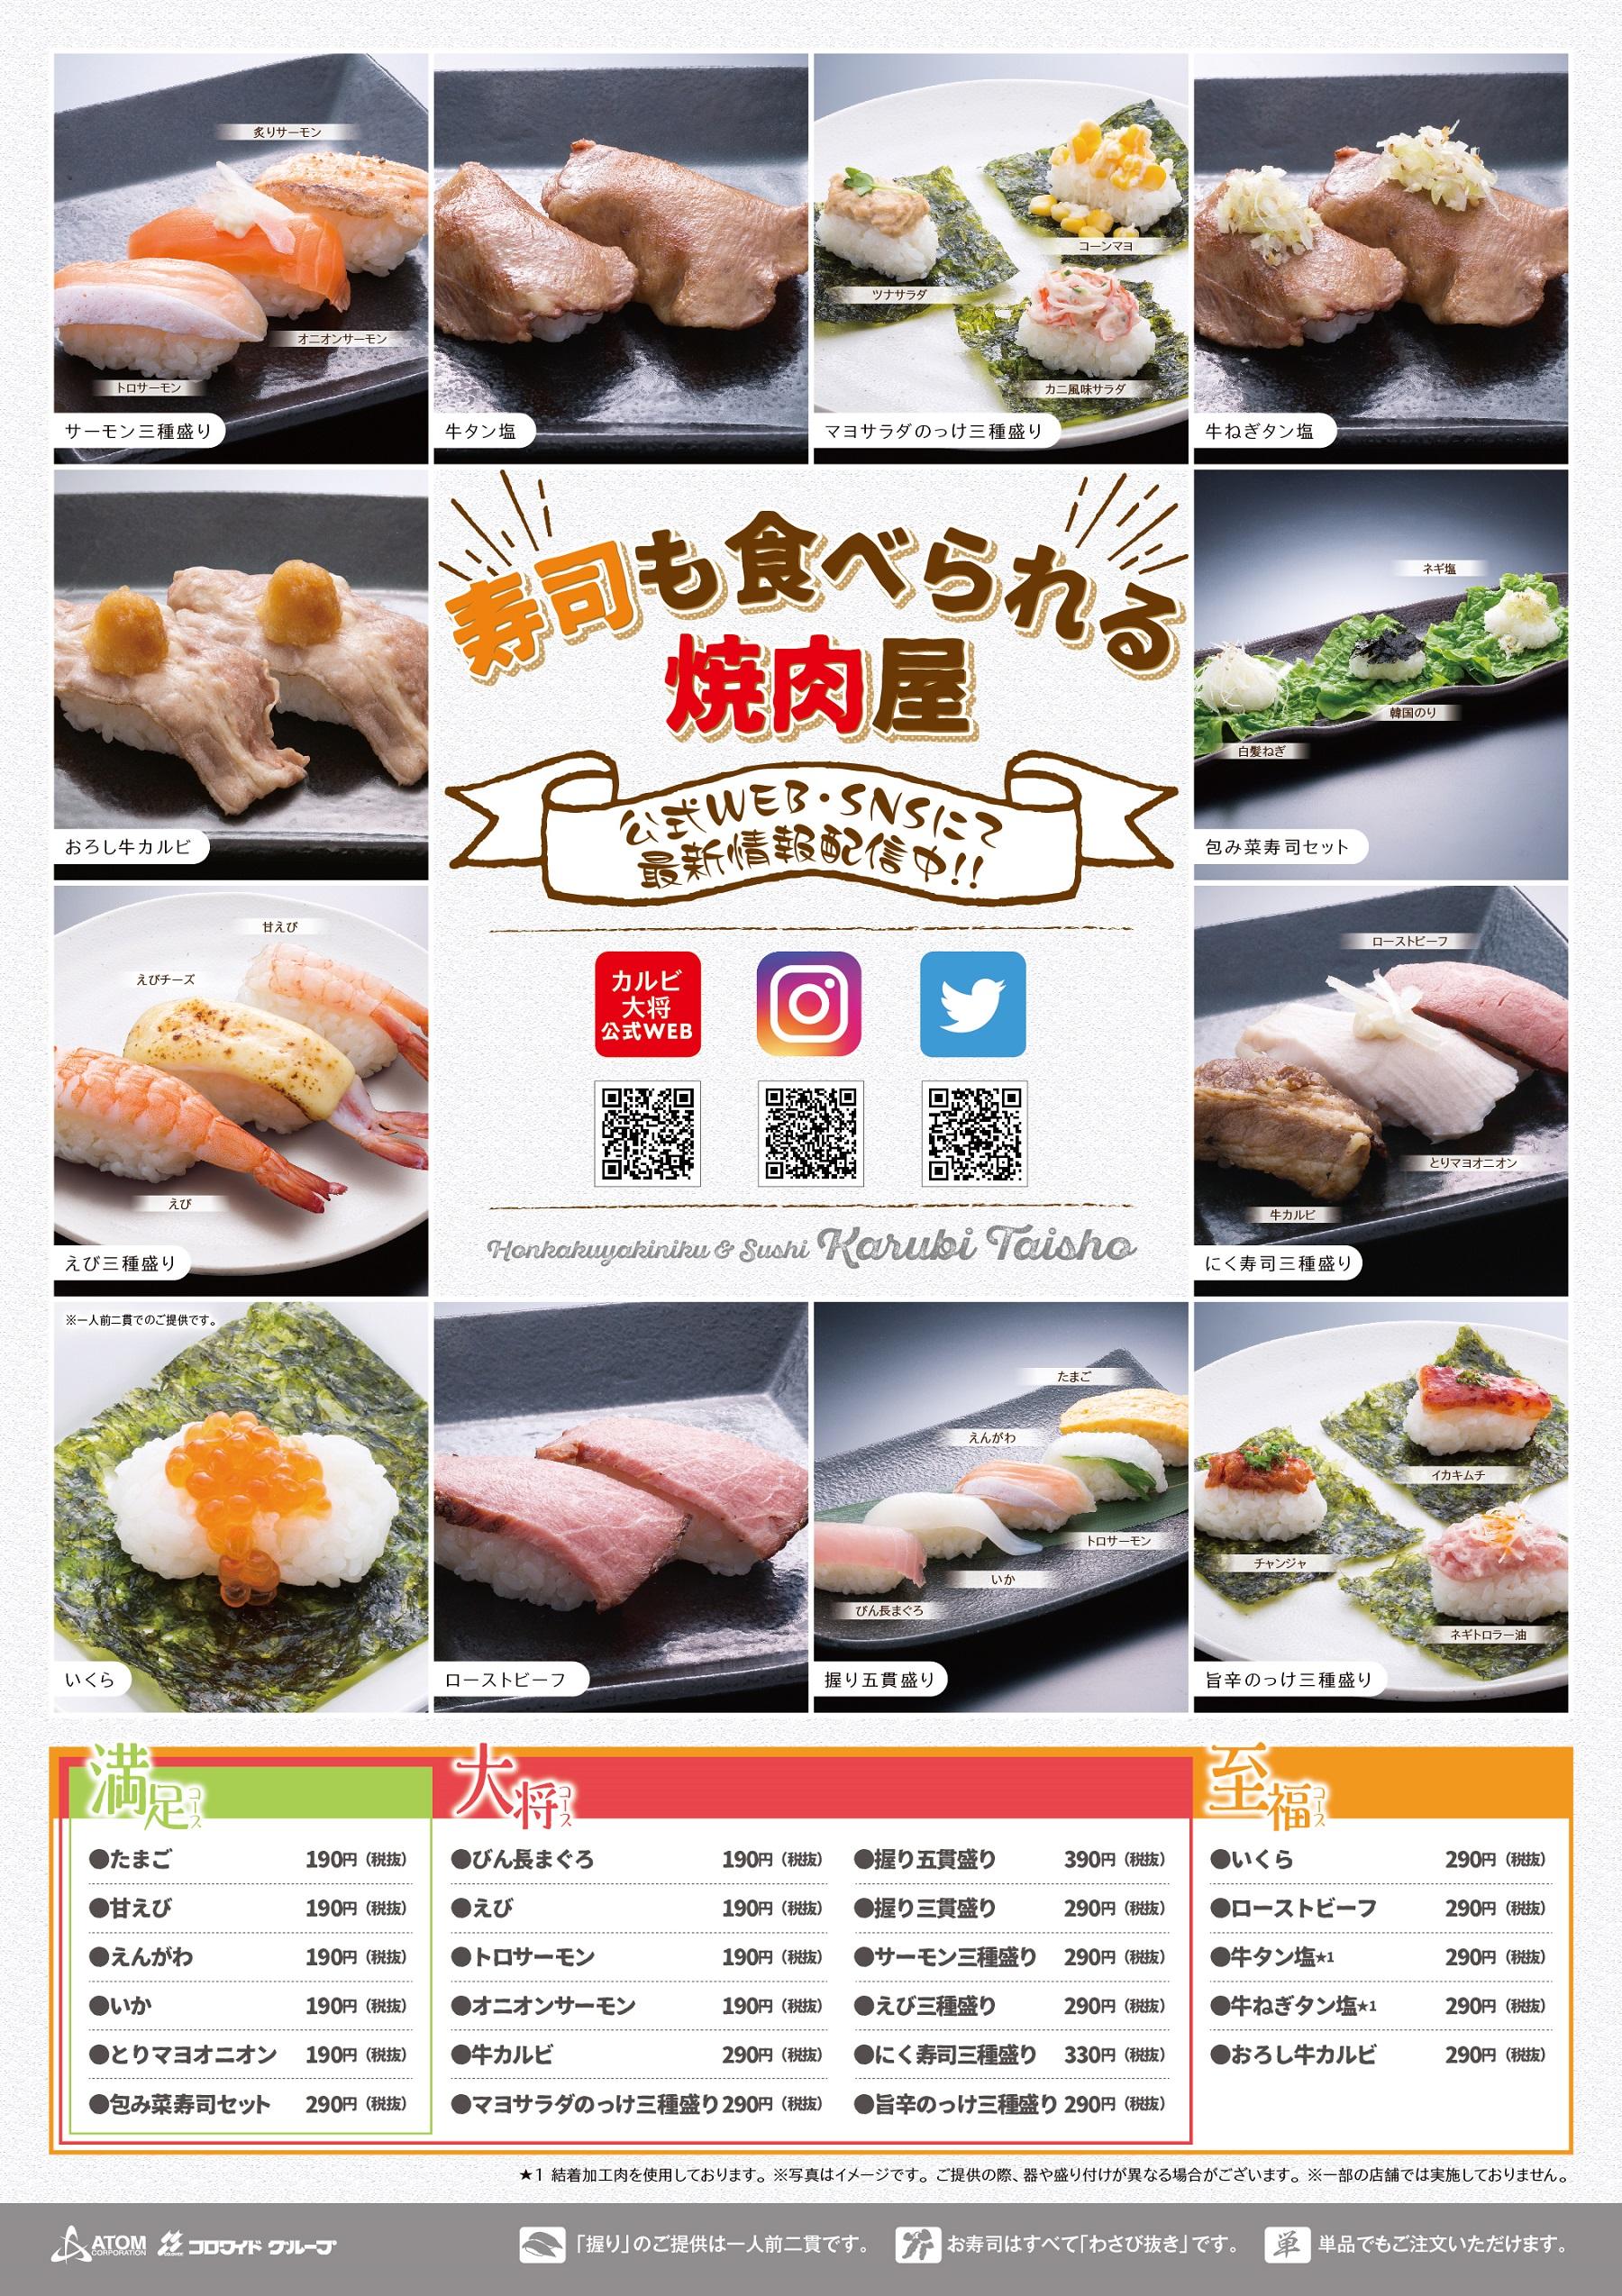 【寿司食べ放題  円】 回転寿司 食べ放題 「江戸 …